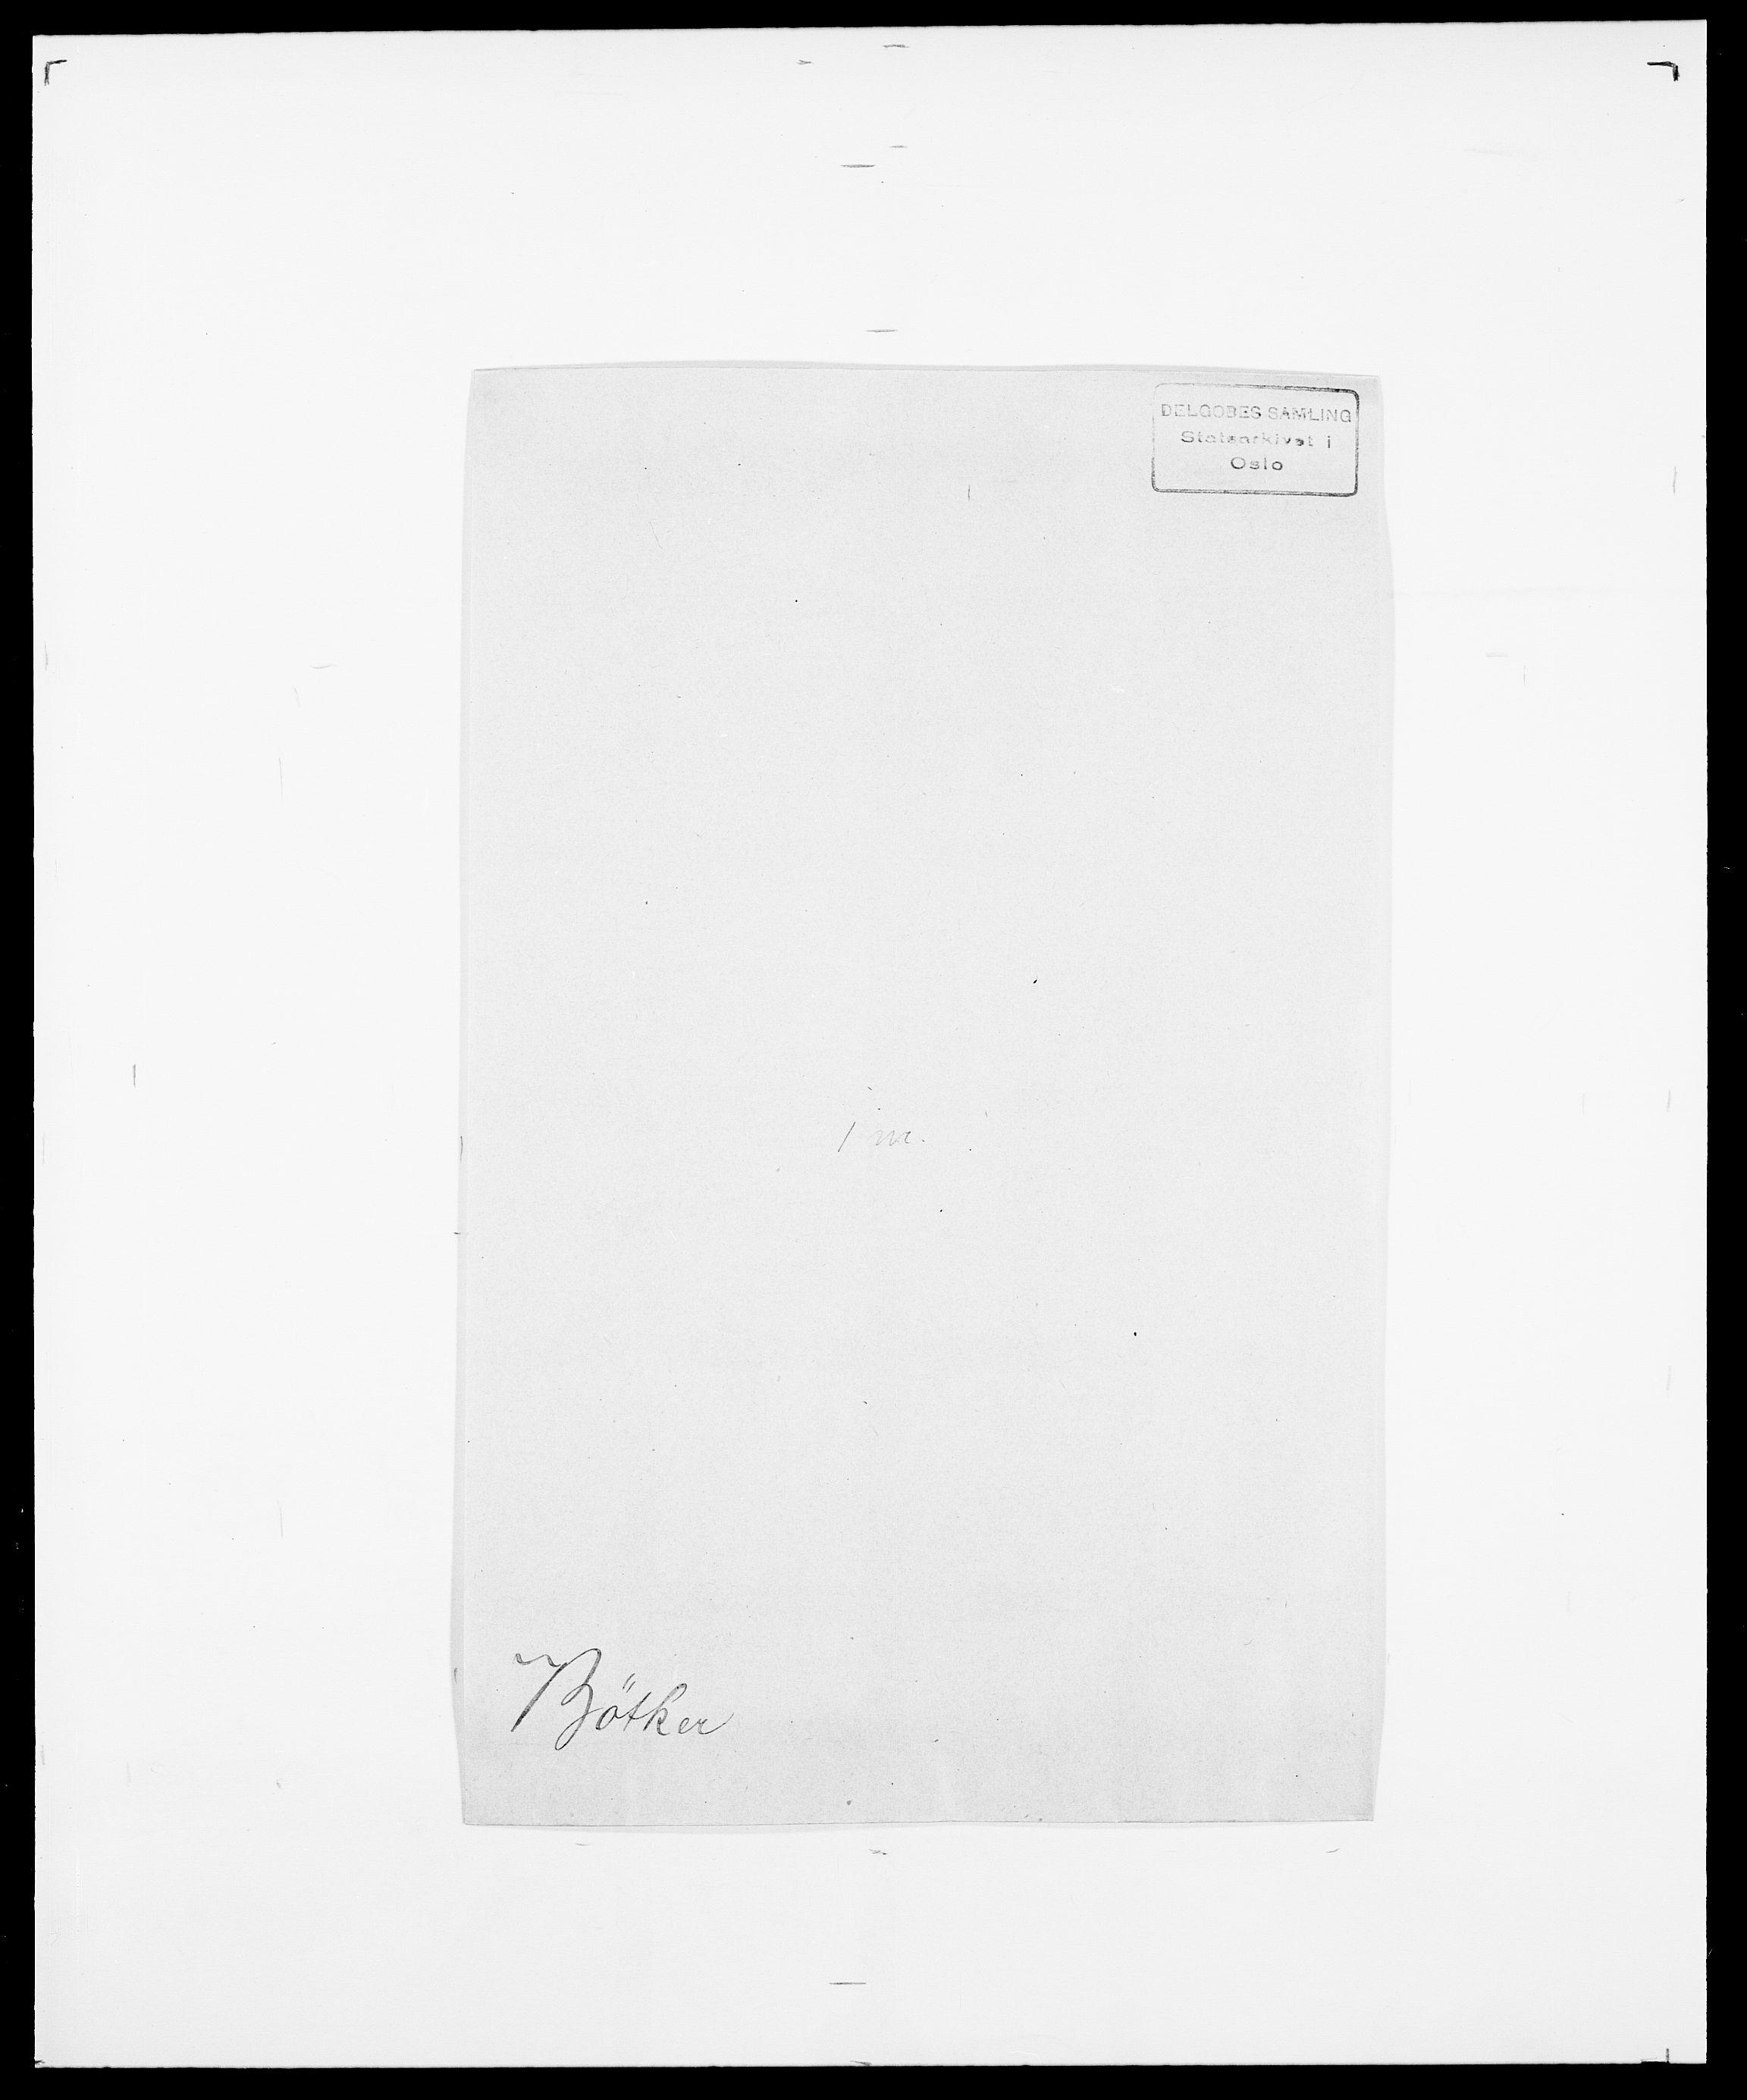 SAO, Delgobe, Charles Antoine - samling, D/Da/L0007: Buaas - Caphengst, s. 802